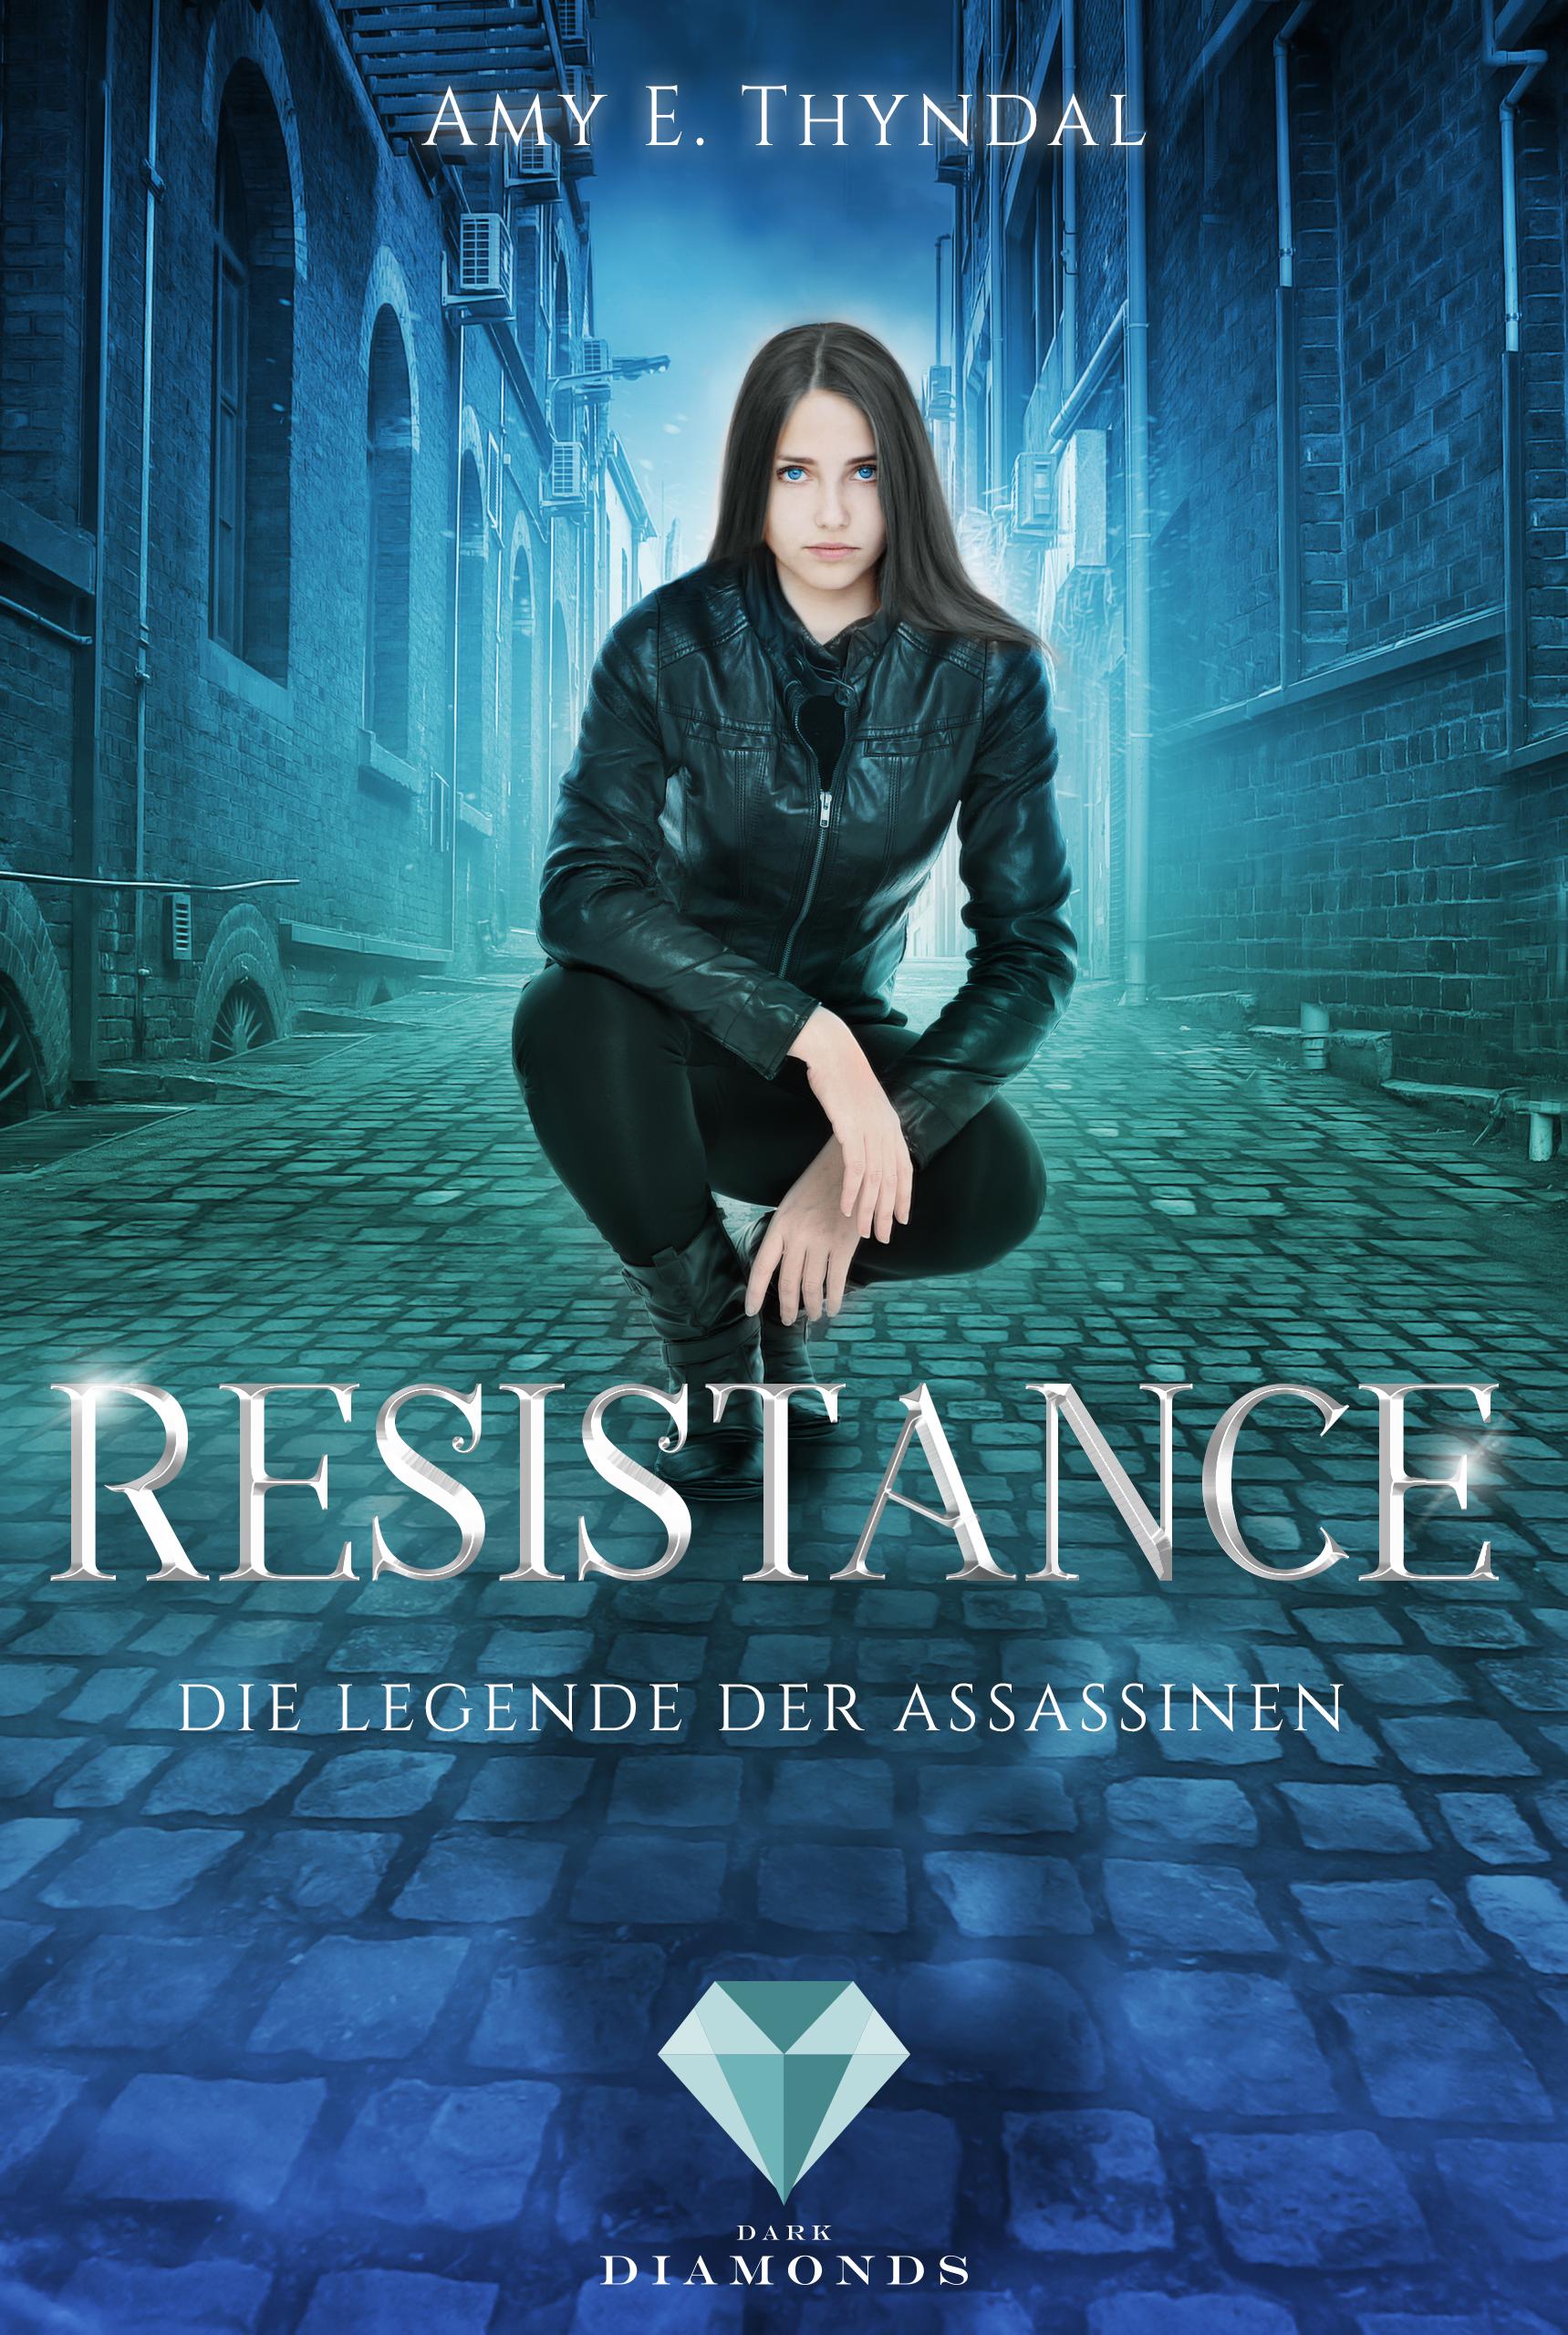 Thyndal_Amy_Resistance_phantastik-autoren-netzwerk.jpg